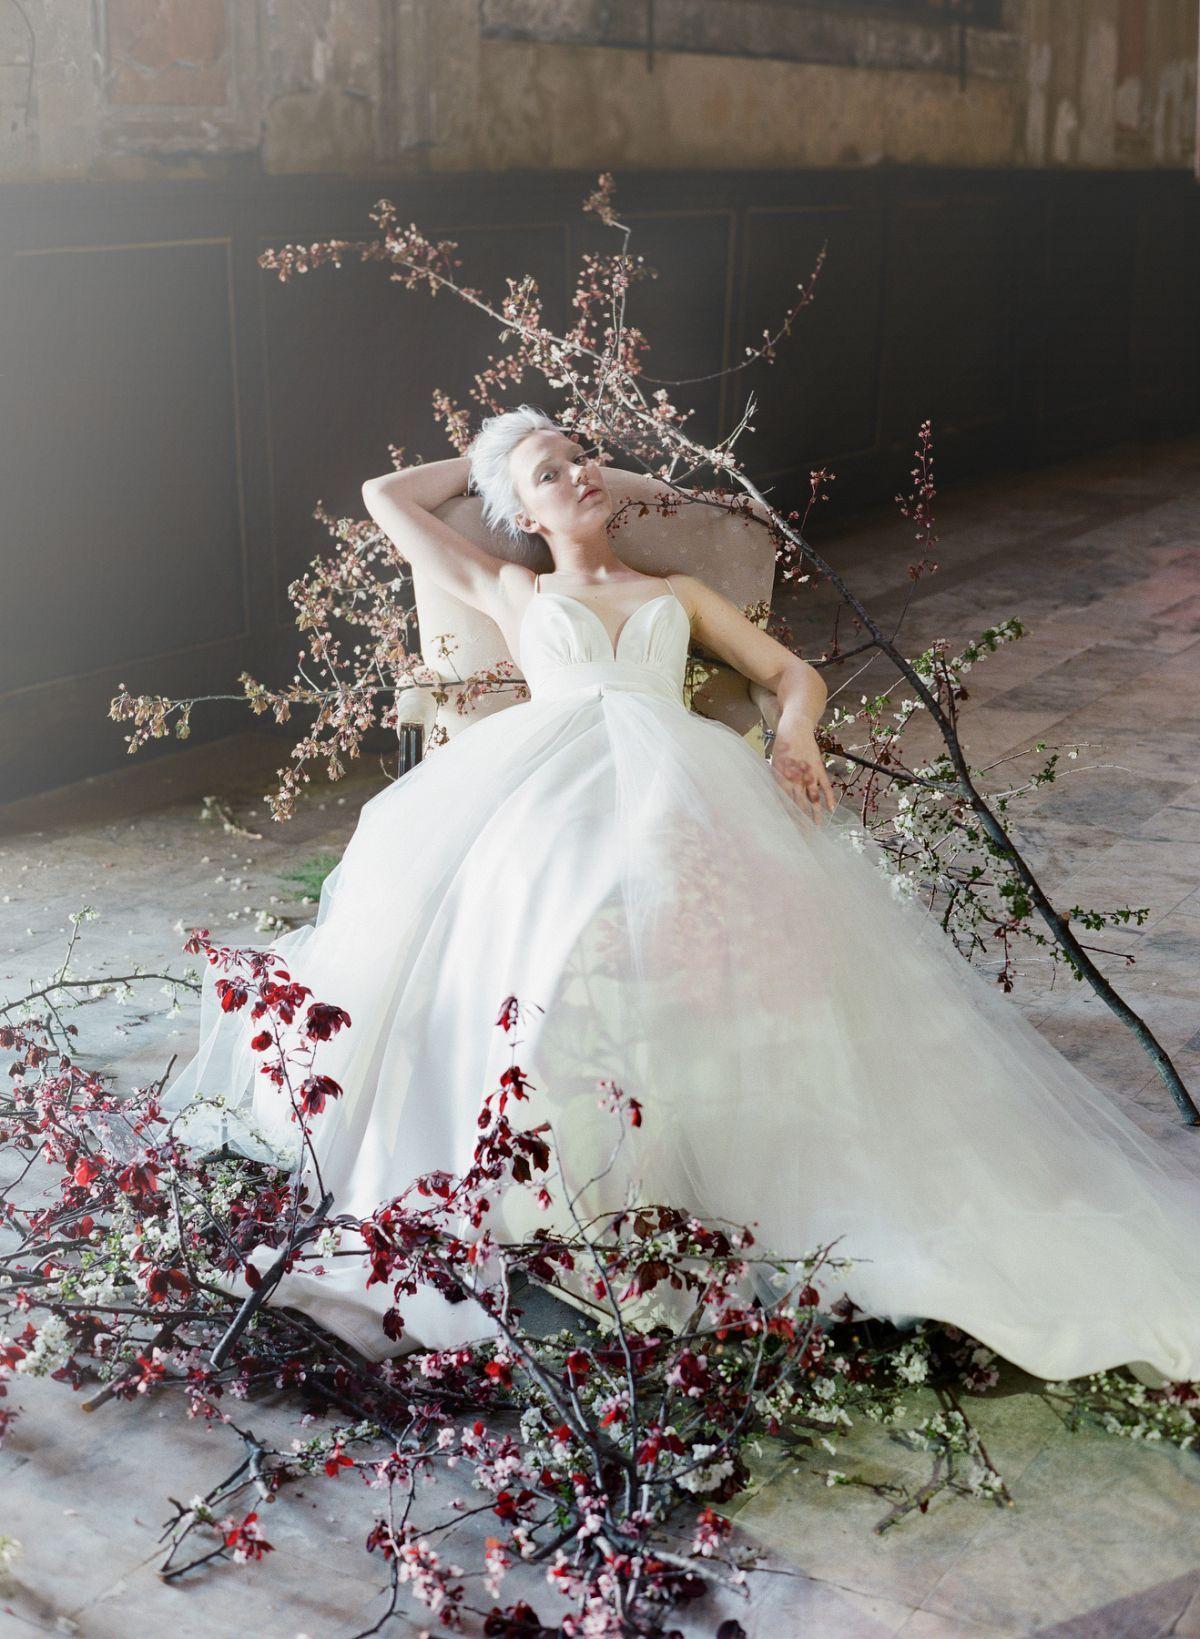 Abstract And Moody Bridal Inspiration: Abstract Art Wedding Dress At Websimilar.org